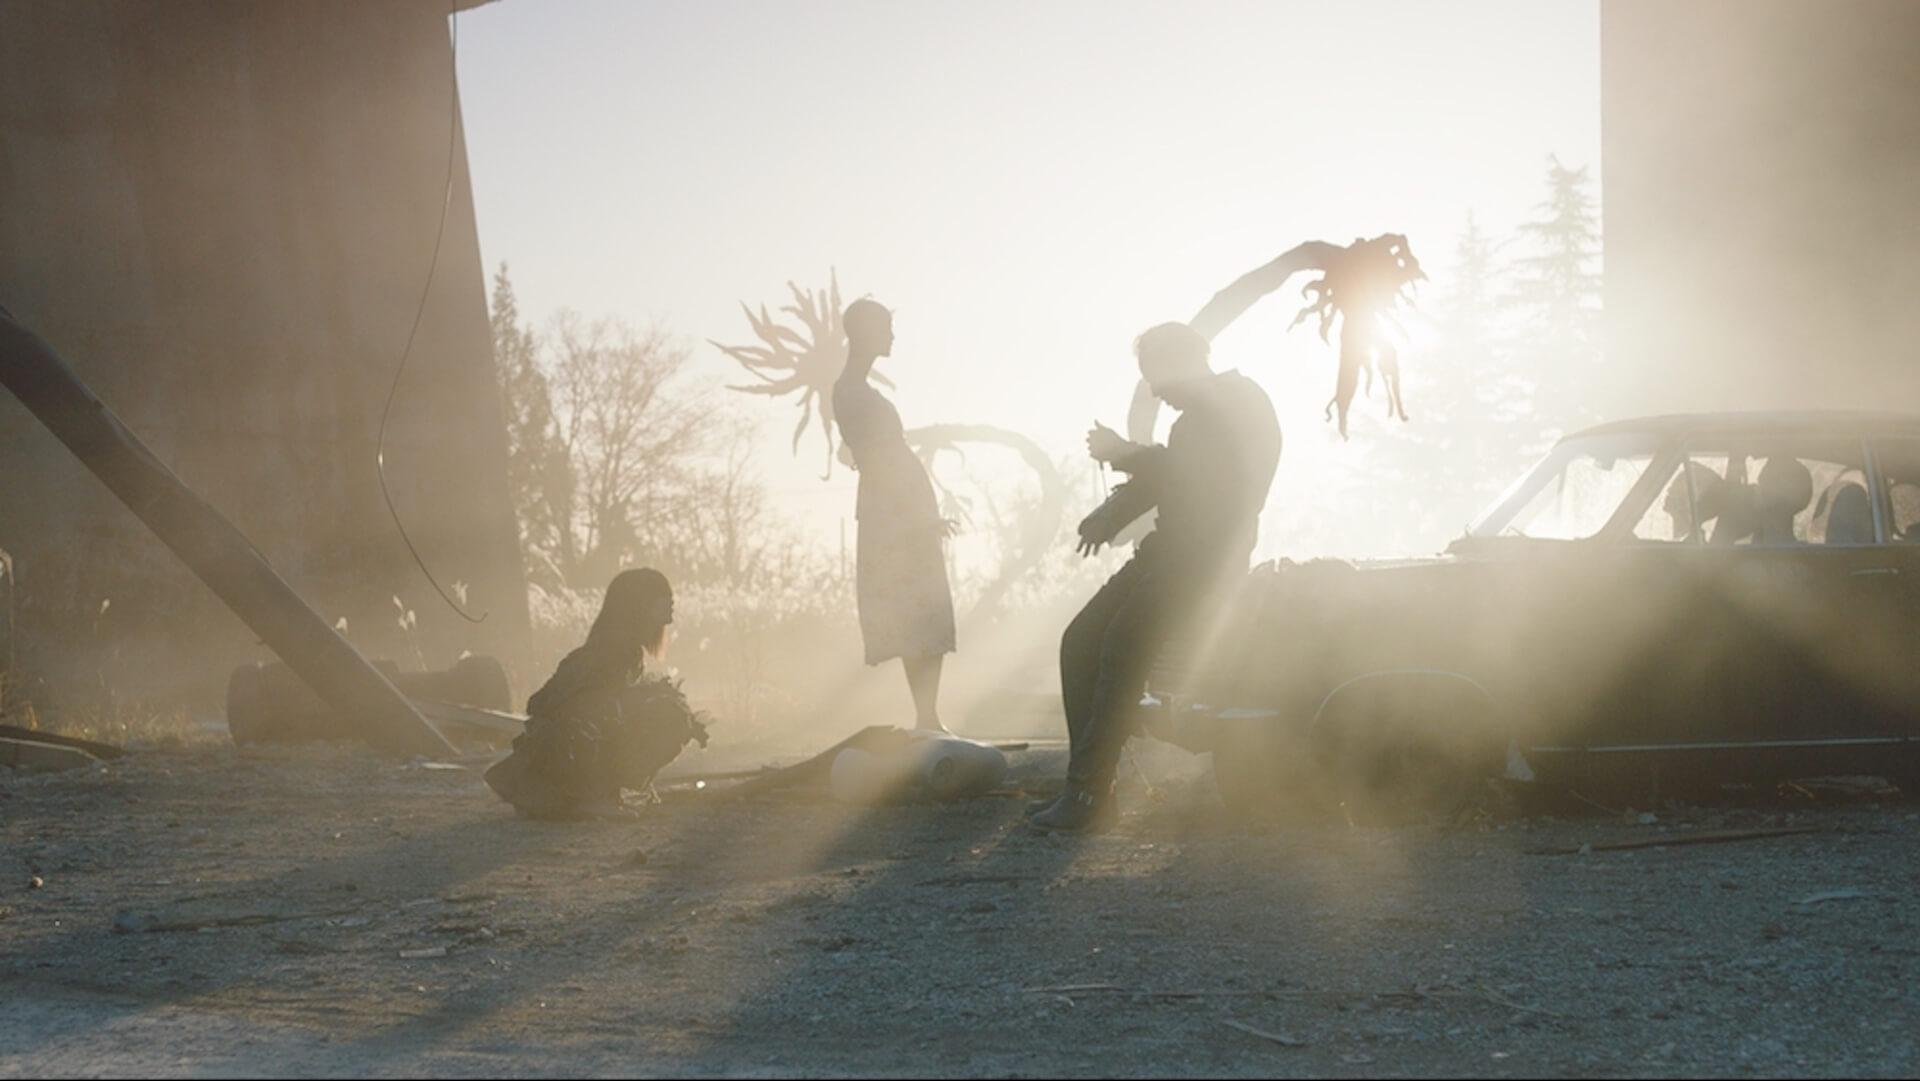 ハリウッドデビューを果たした園子温がニコラス・ケイジとタッグ!『プリズナーズ・オブ・ゴーストランド』公開決定で場面写真4点解禁 film201215_sonoshion_2